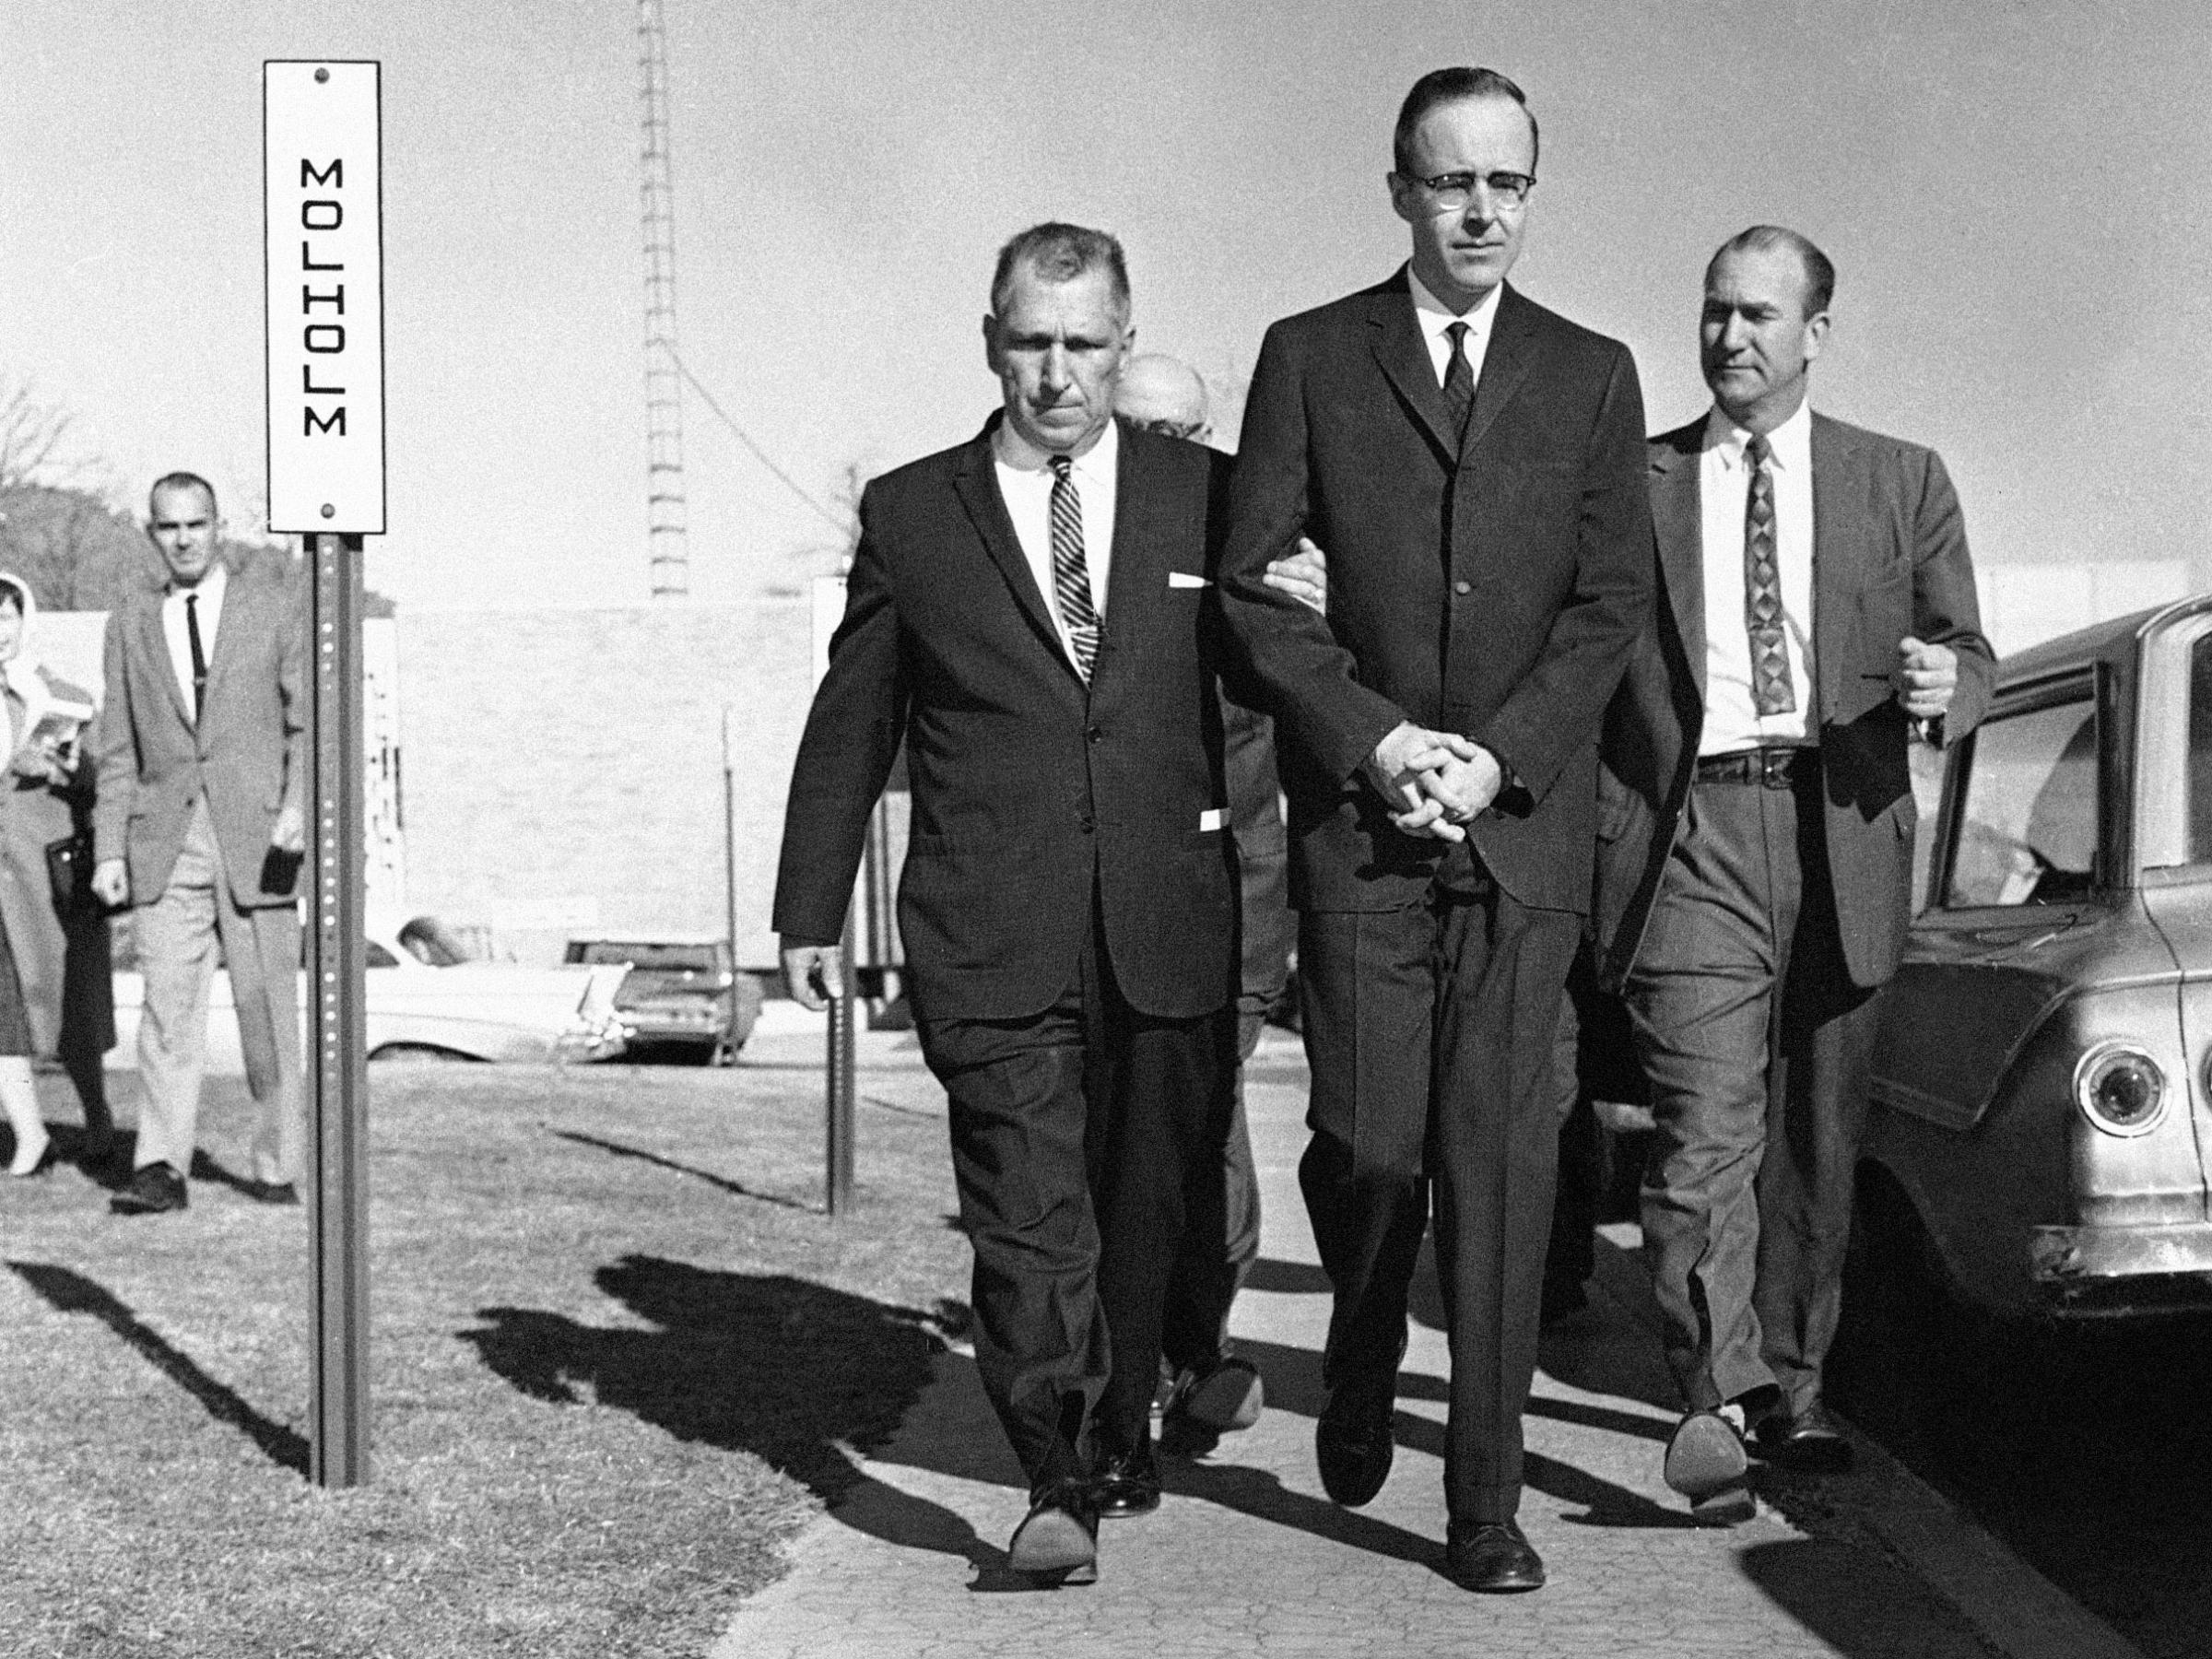 Fame Through Assassination: A Secret Service Study | KUNC